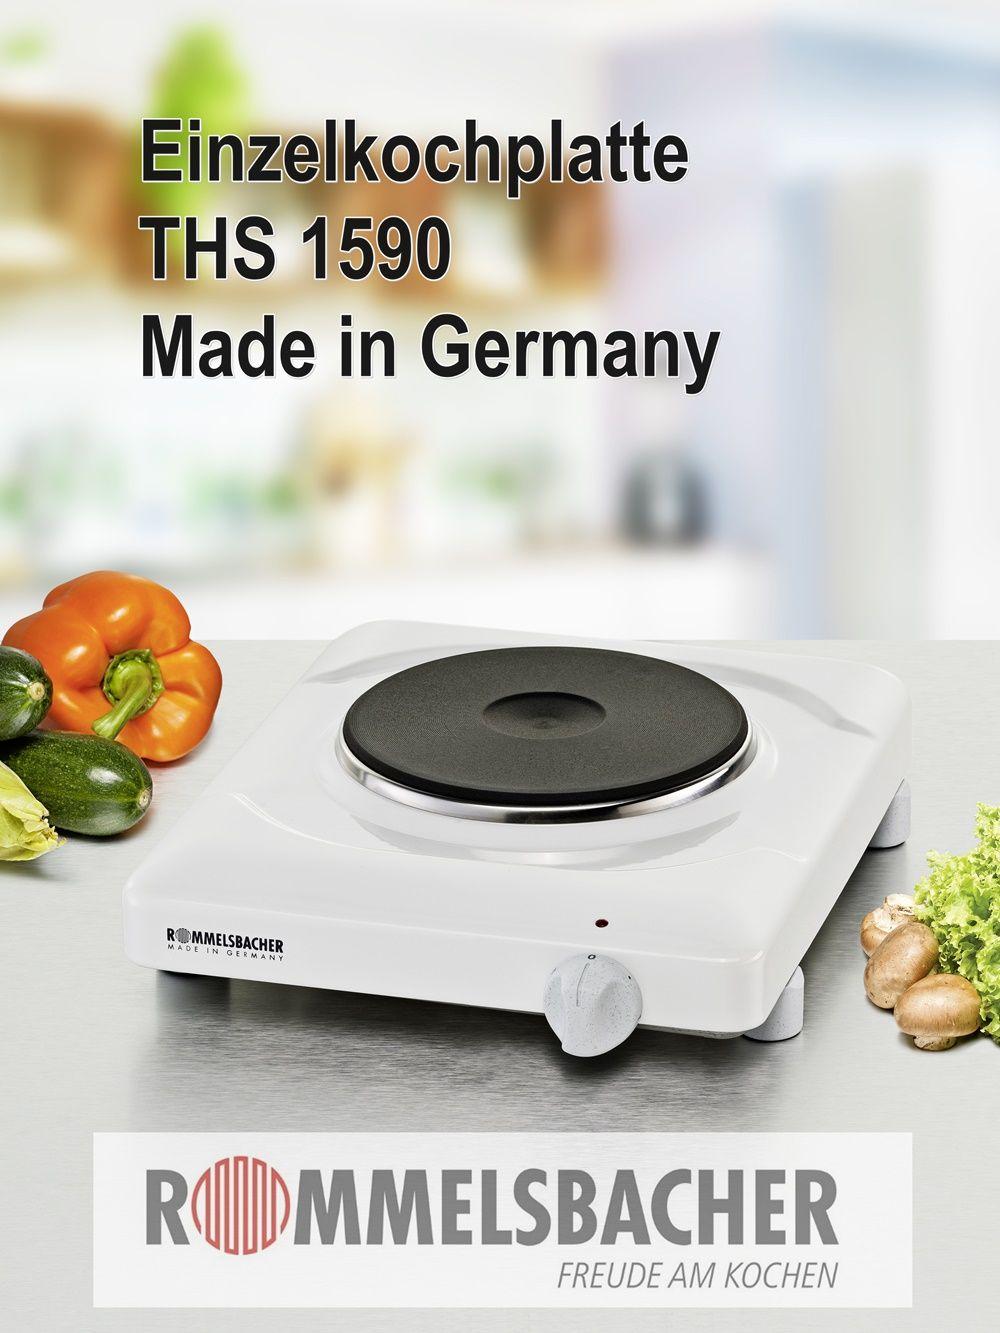 Langlebige Einzelkochplatte Made In Germany Freude Am Kochen Kochen Und Backen Kochen